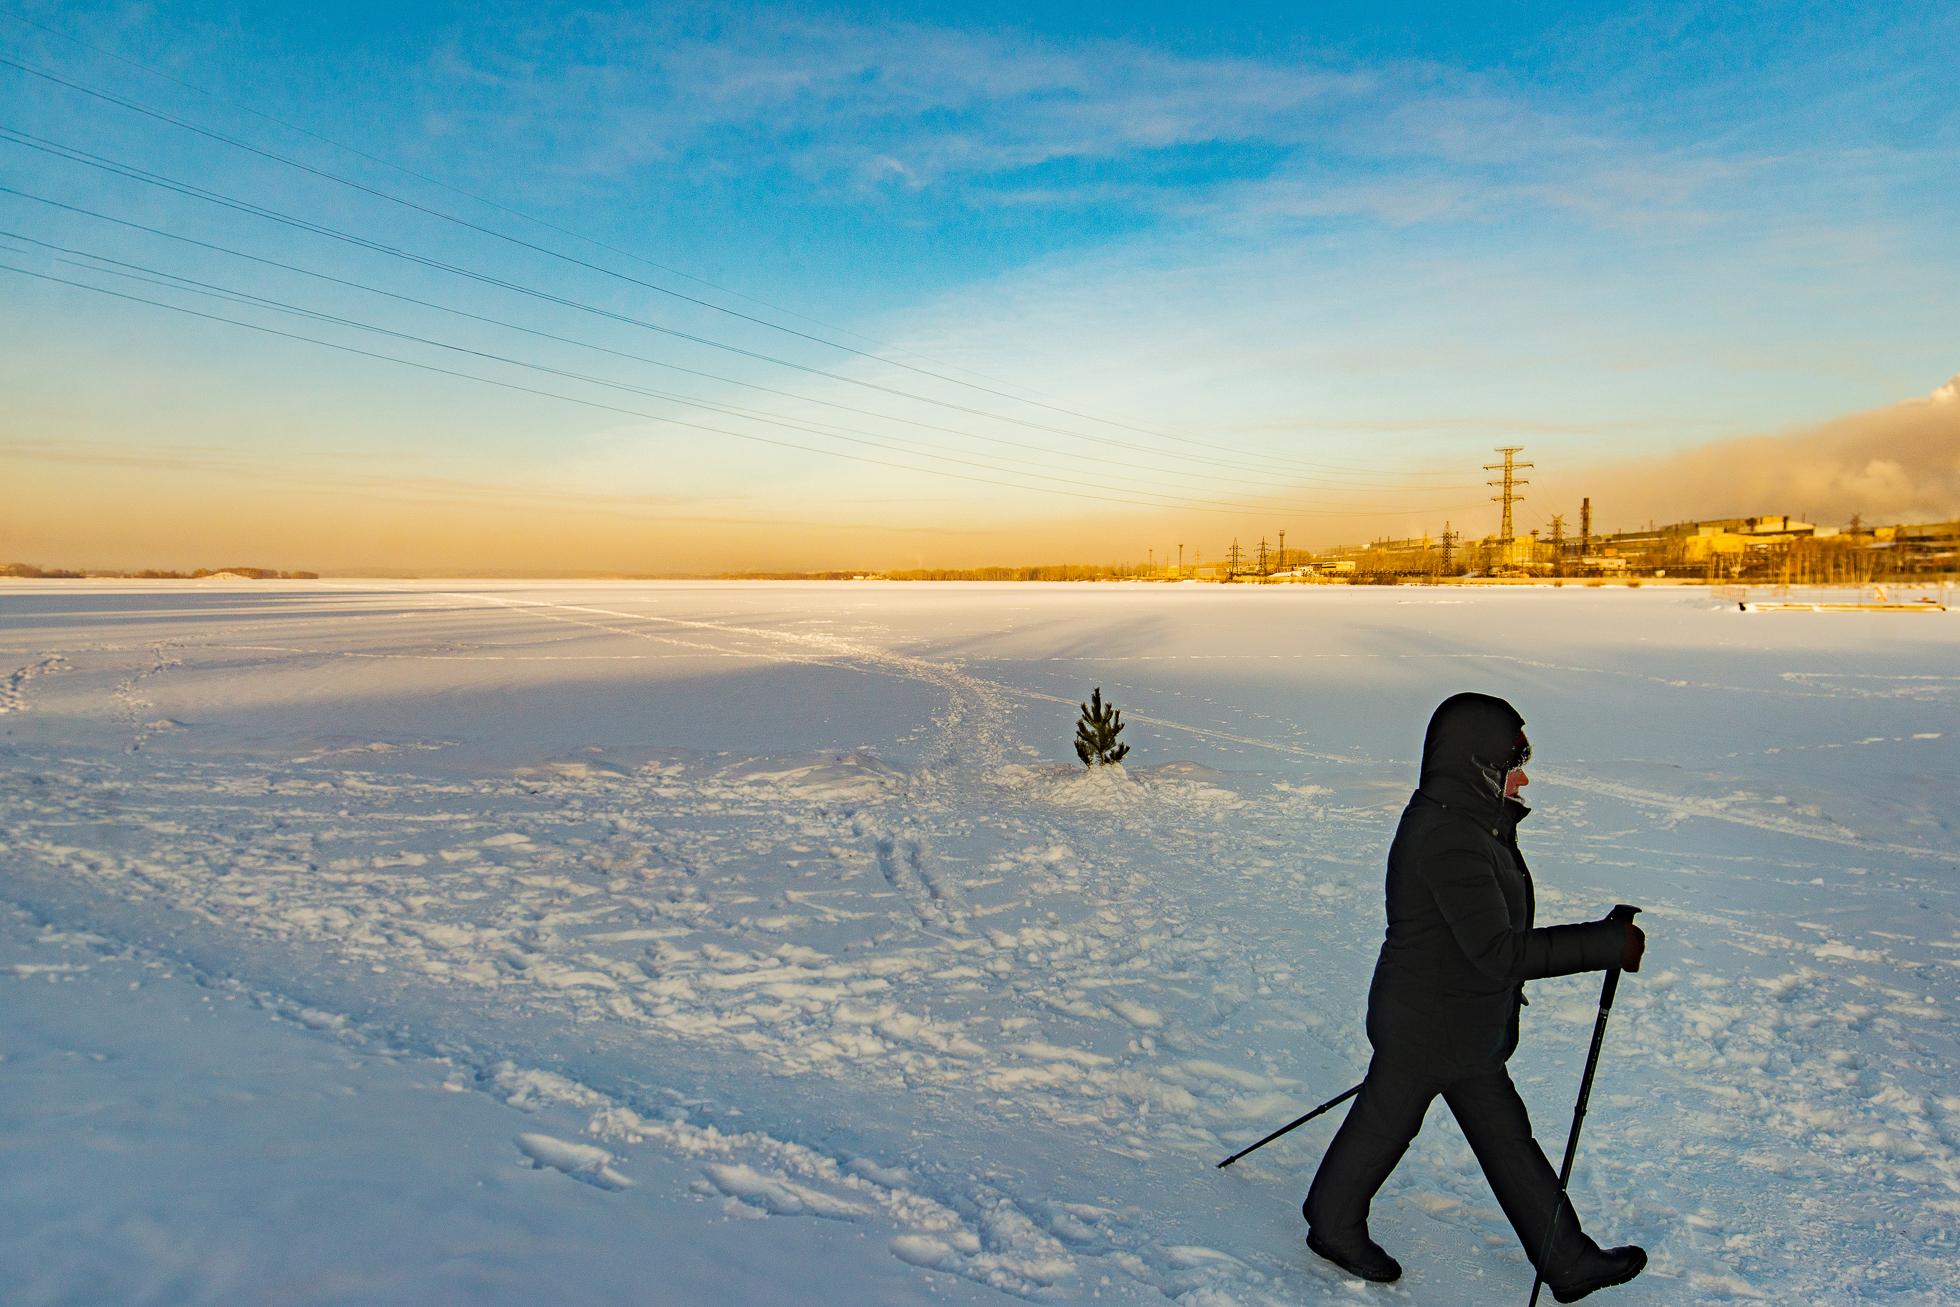 Пруд. Зимой здесь катаются на лыжах или занимаются скандинавской ходьбой. Летом — сап-серфинг, катамараны и тихая рыбалка по утрам